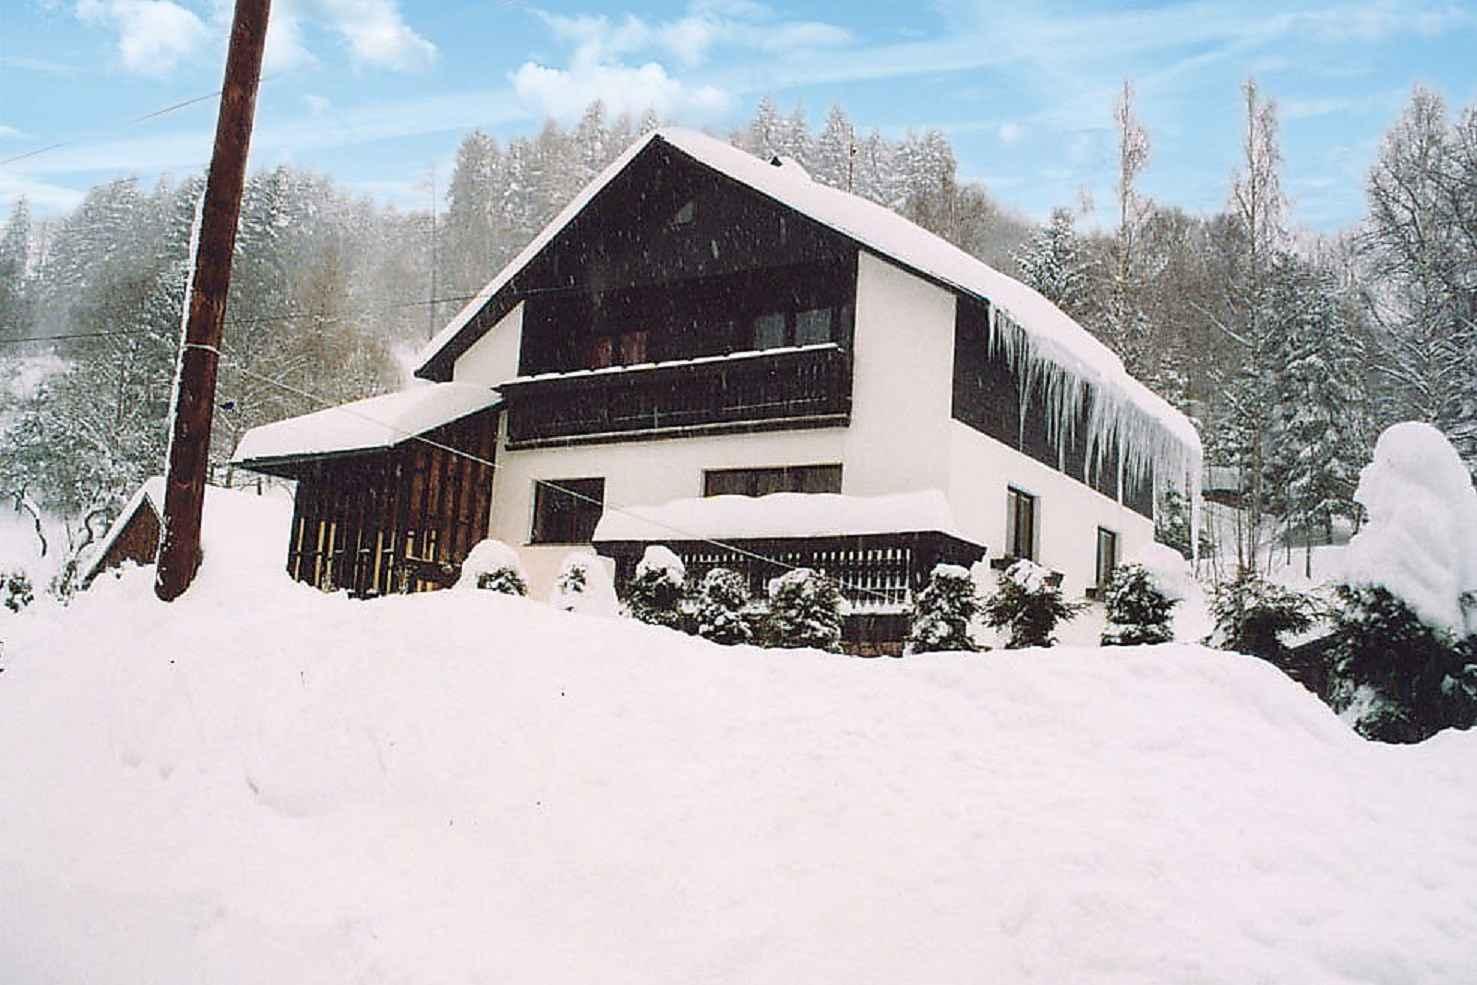 Ferienwohnung 1 km vom Skilift   Tschechische Republik